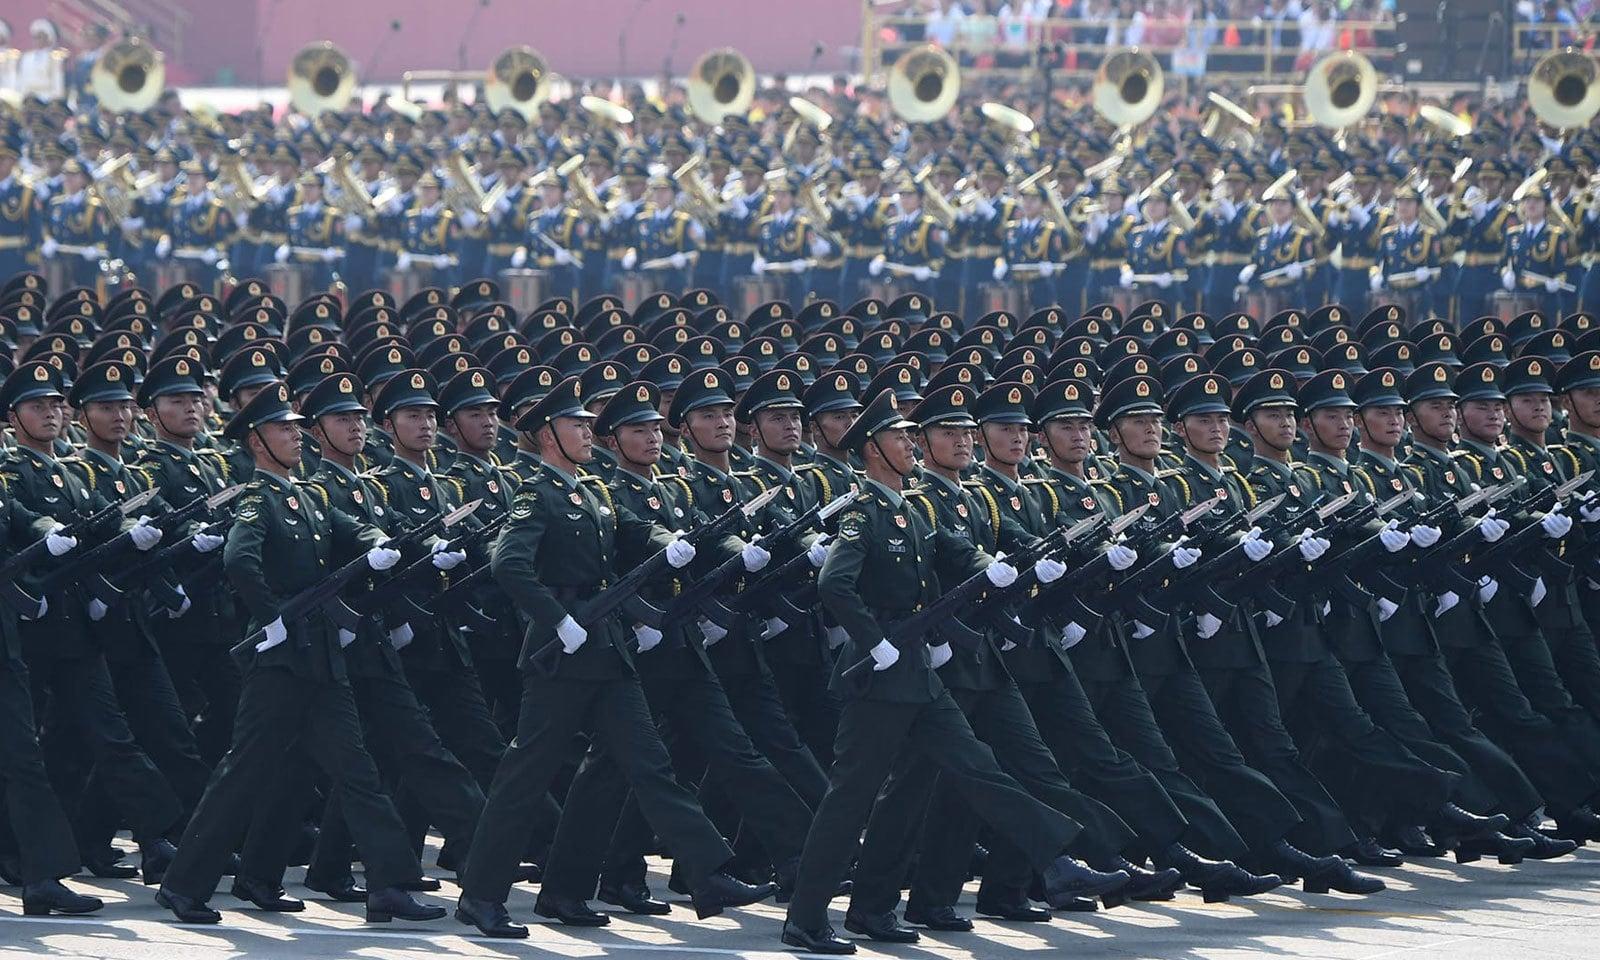 بیجنگ کے تیانامن اسکوائر میں فوجی پریڈ کے دوران اہلکار مارچ کر رہے ہیں — فوٹو: اے ایف پی